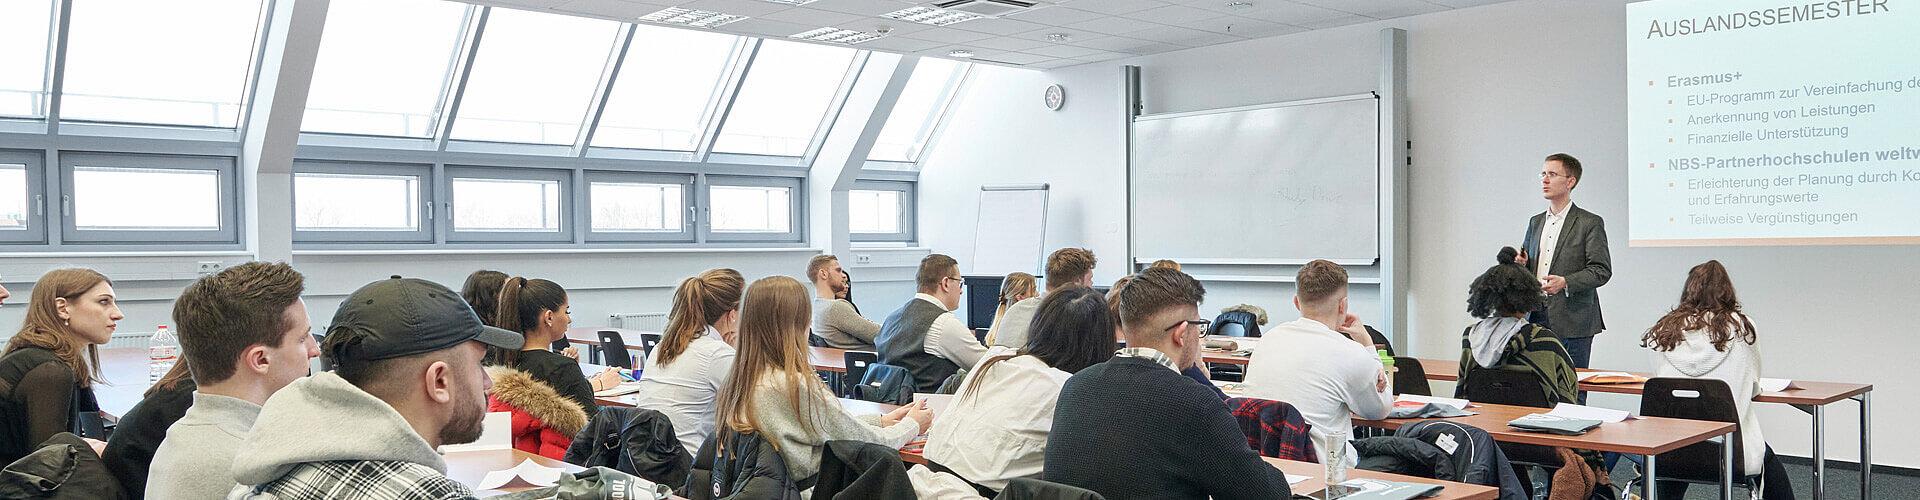 Vorteile eines Studiums an der NBS in Hamburg